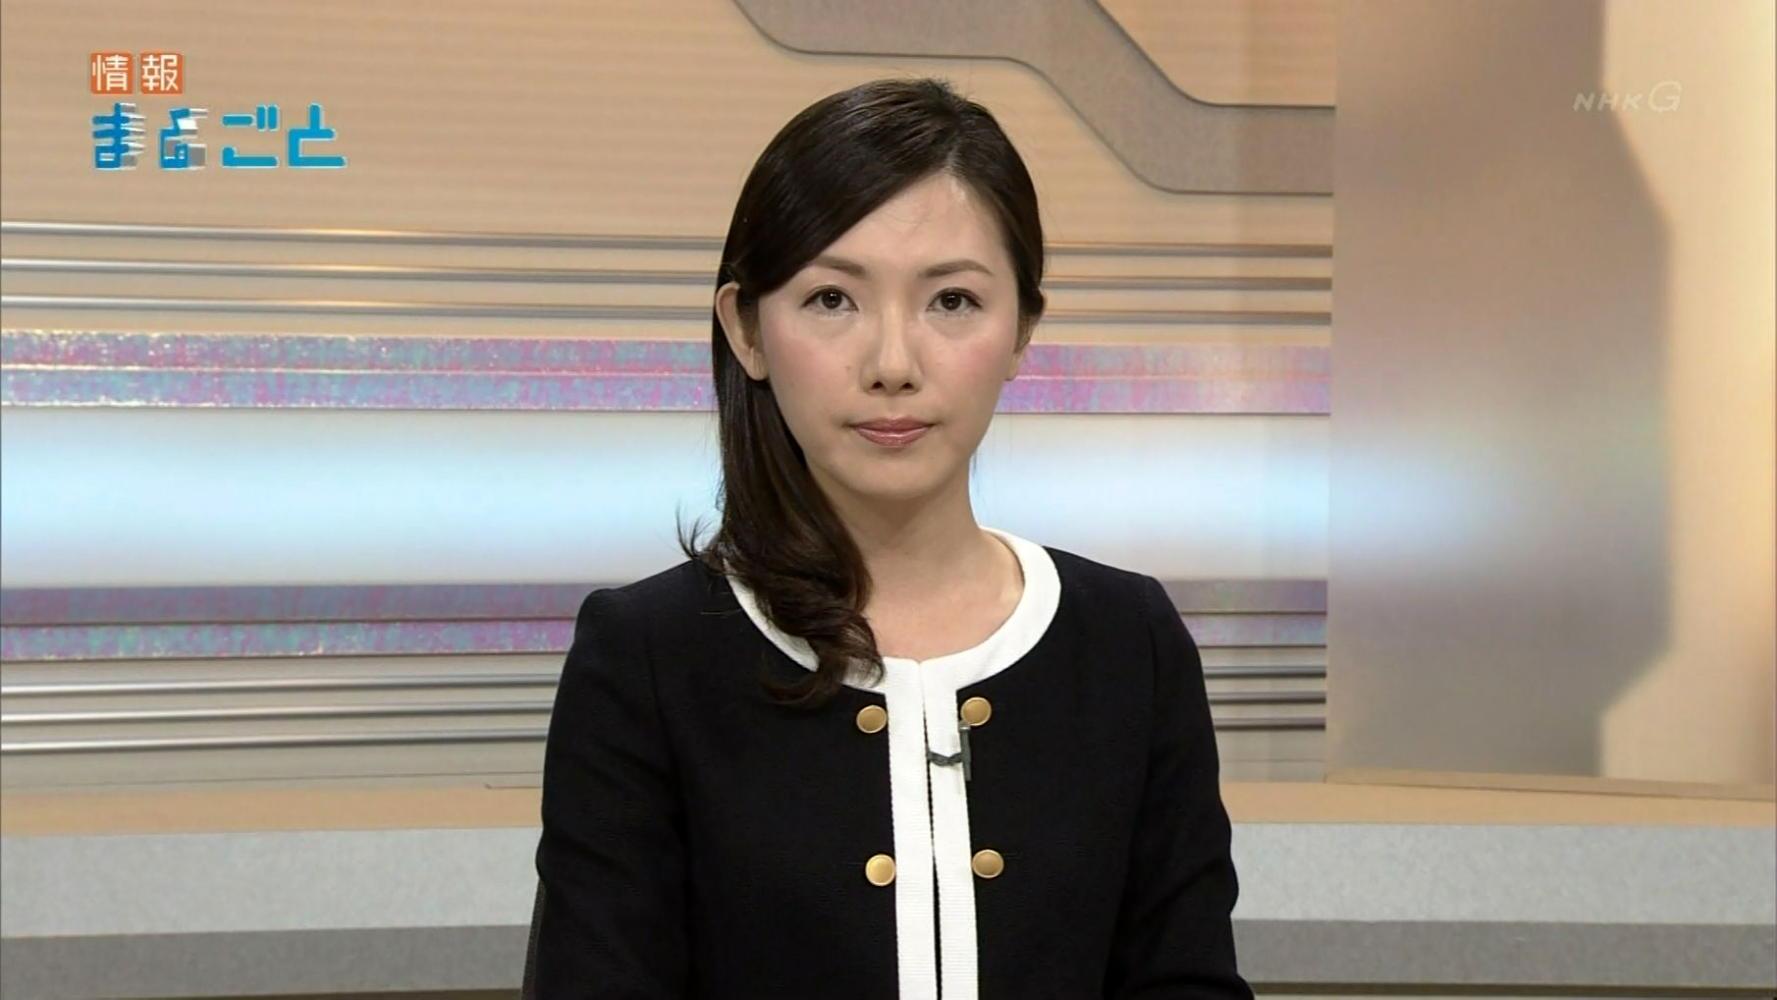 佐々木理恵 (NHK福岡)の画像 p1_35